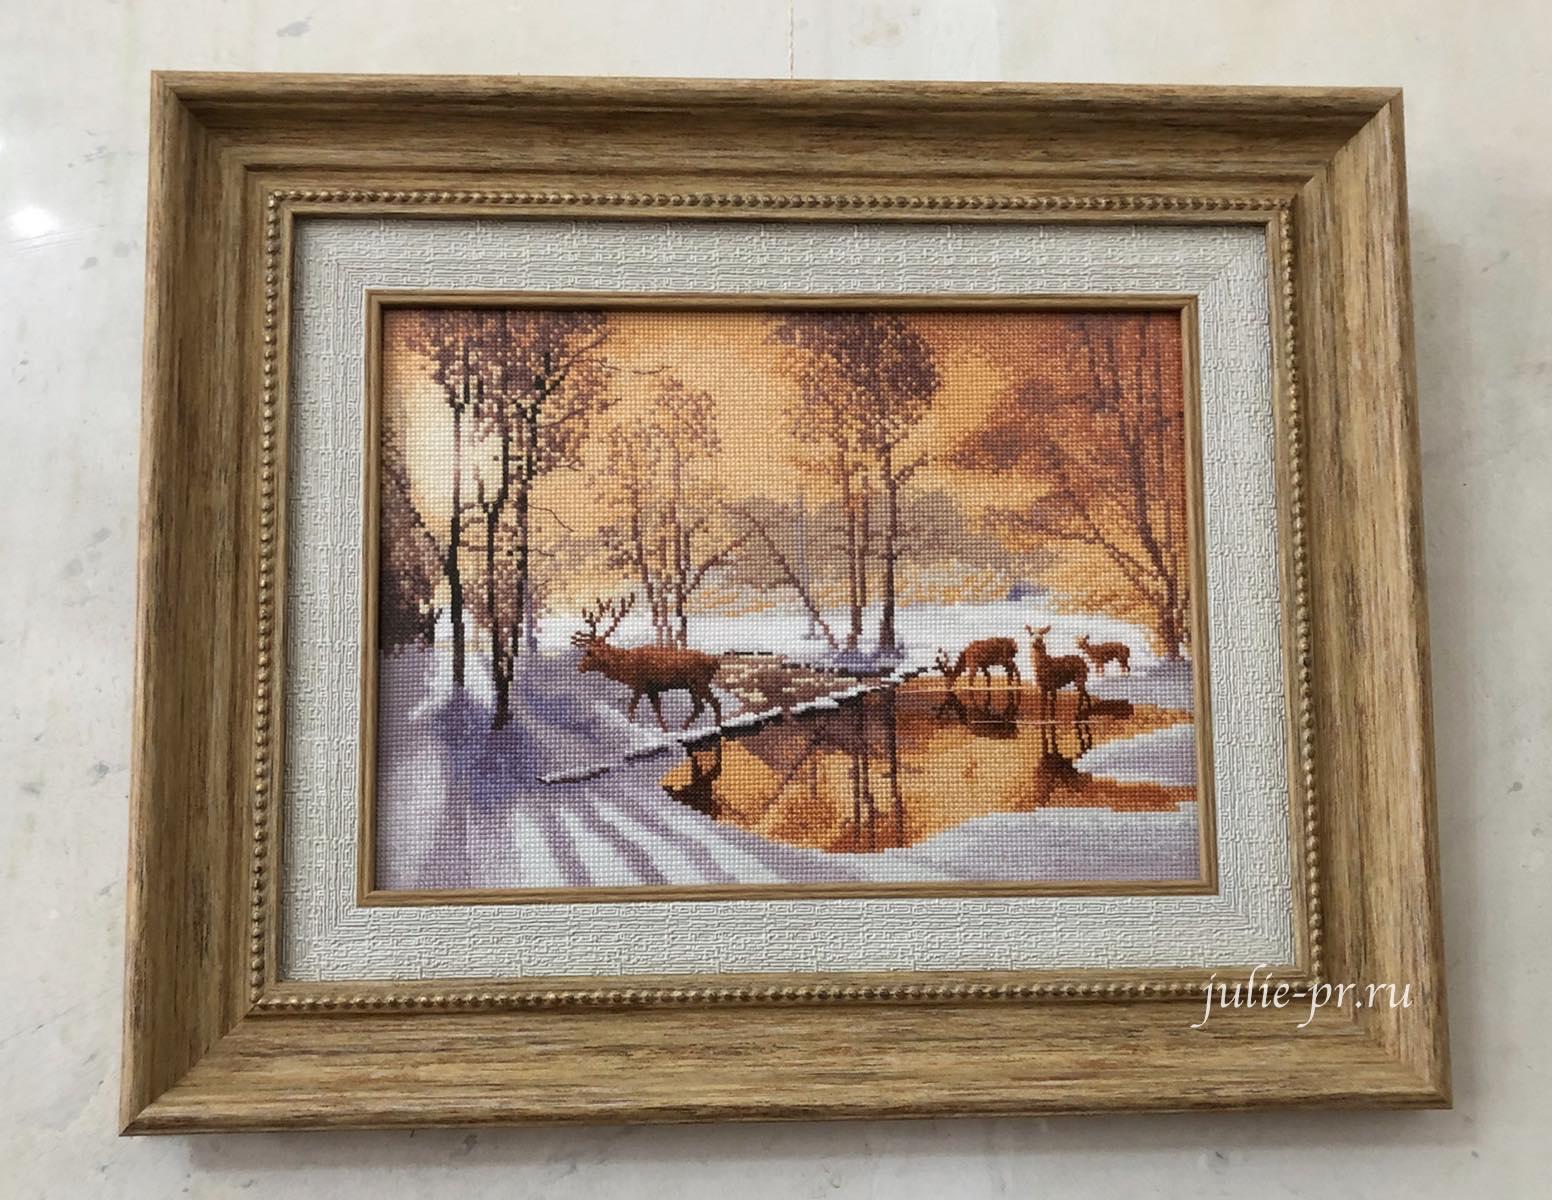 Stepping Stones, Дорога через ручей, вышивка крестом, Heritage, John Clayton, выставка Грани Джона Клейтона